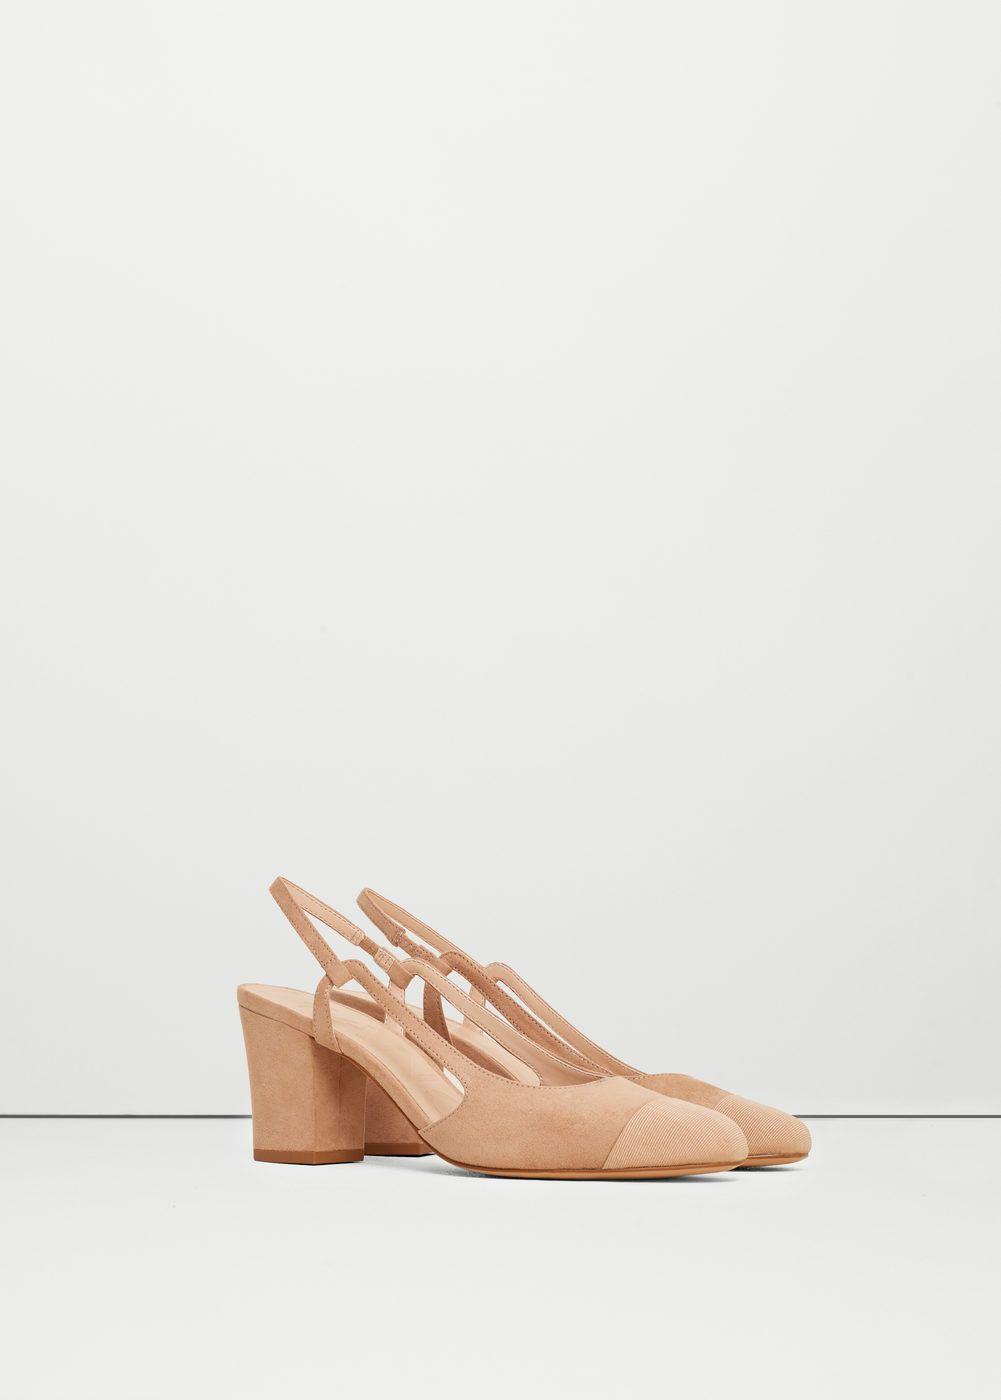 Énorme Surprise MANGO Chaussures à talons avec bride arrière Vente Frais De Port Offerts À Bas Prix Livraison Gratuite Négociables 6vyI4S